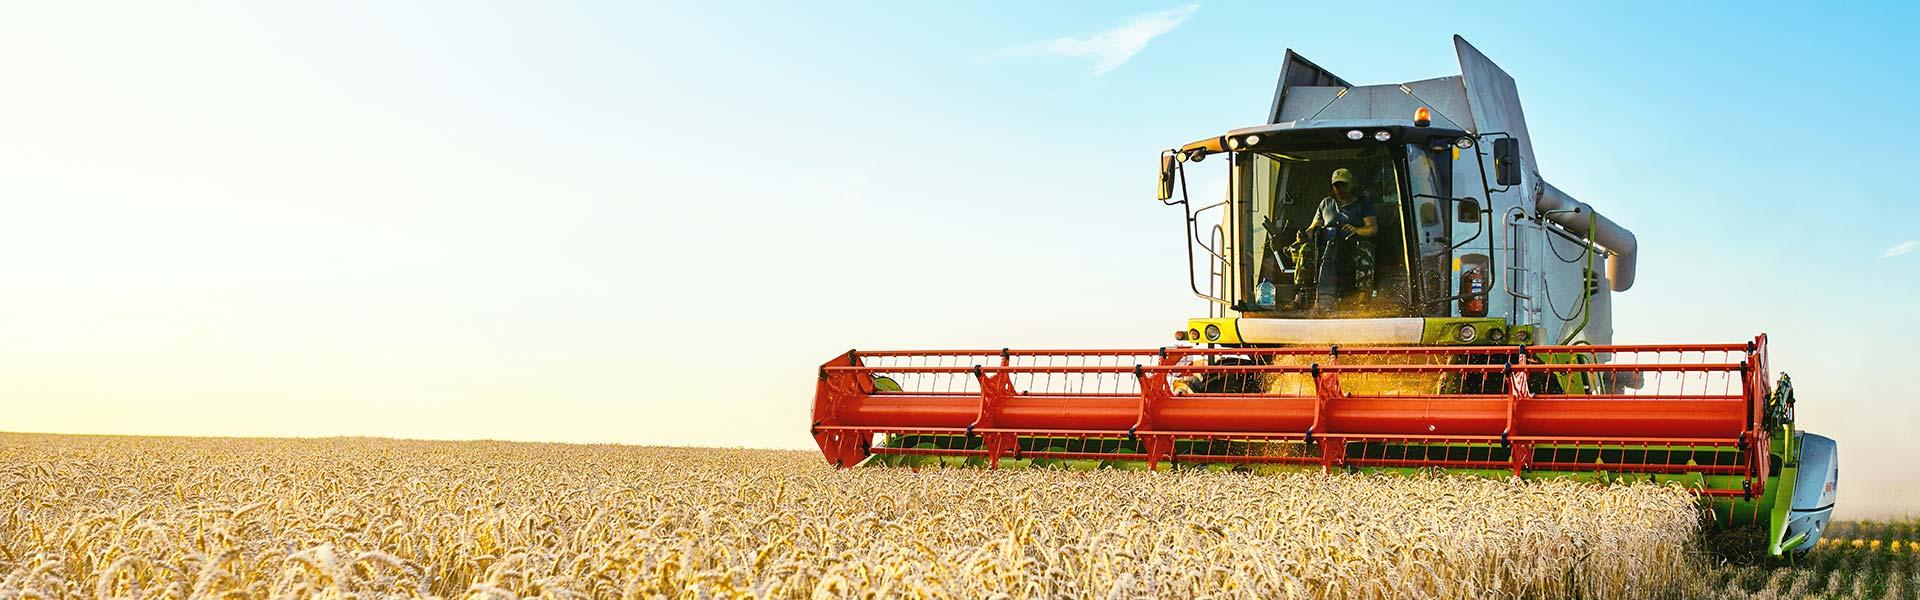 Ein weltweit agierender Produzent von Pflanzenschutzmitteln